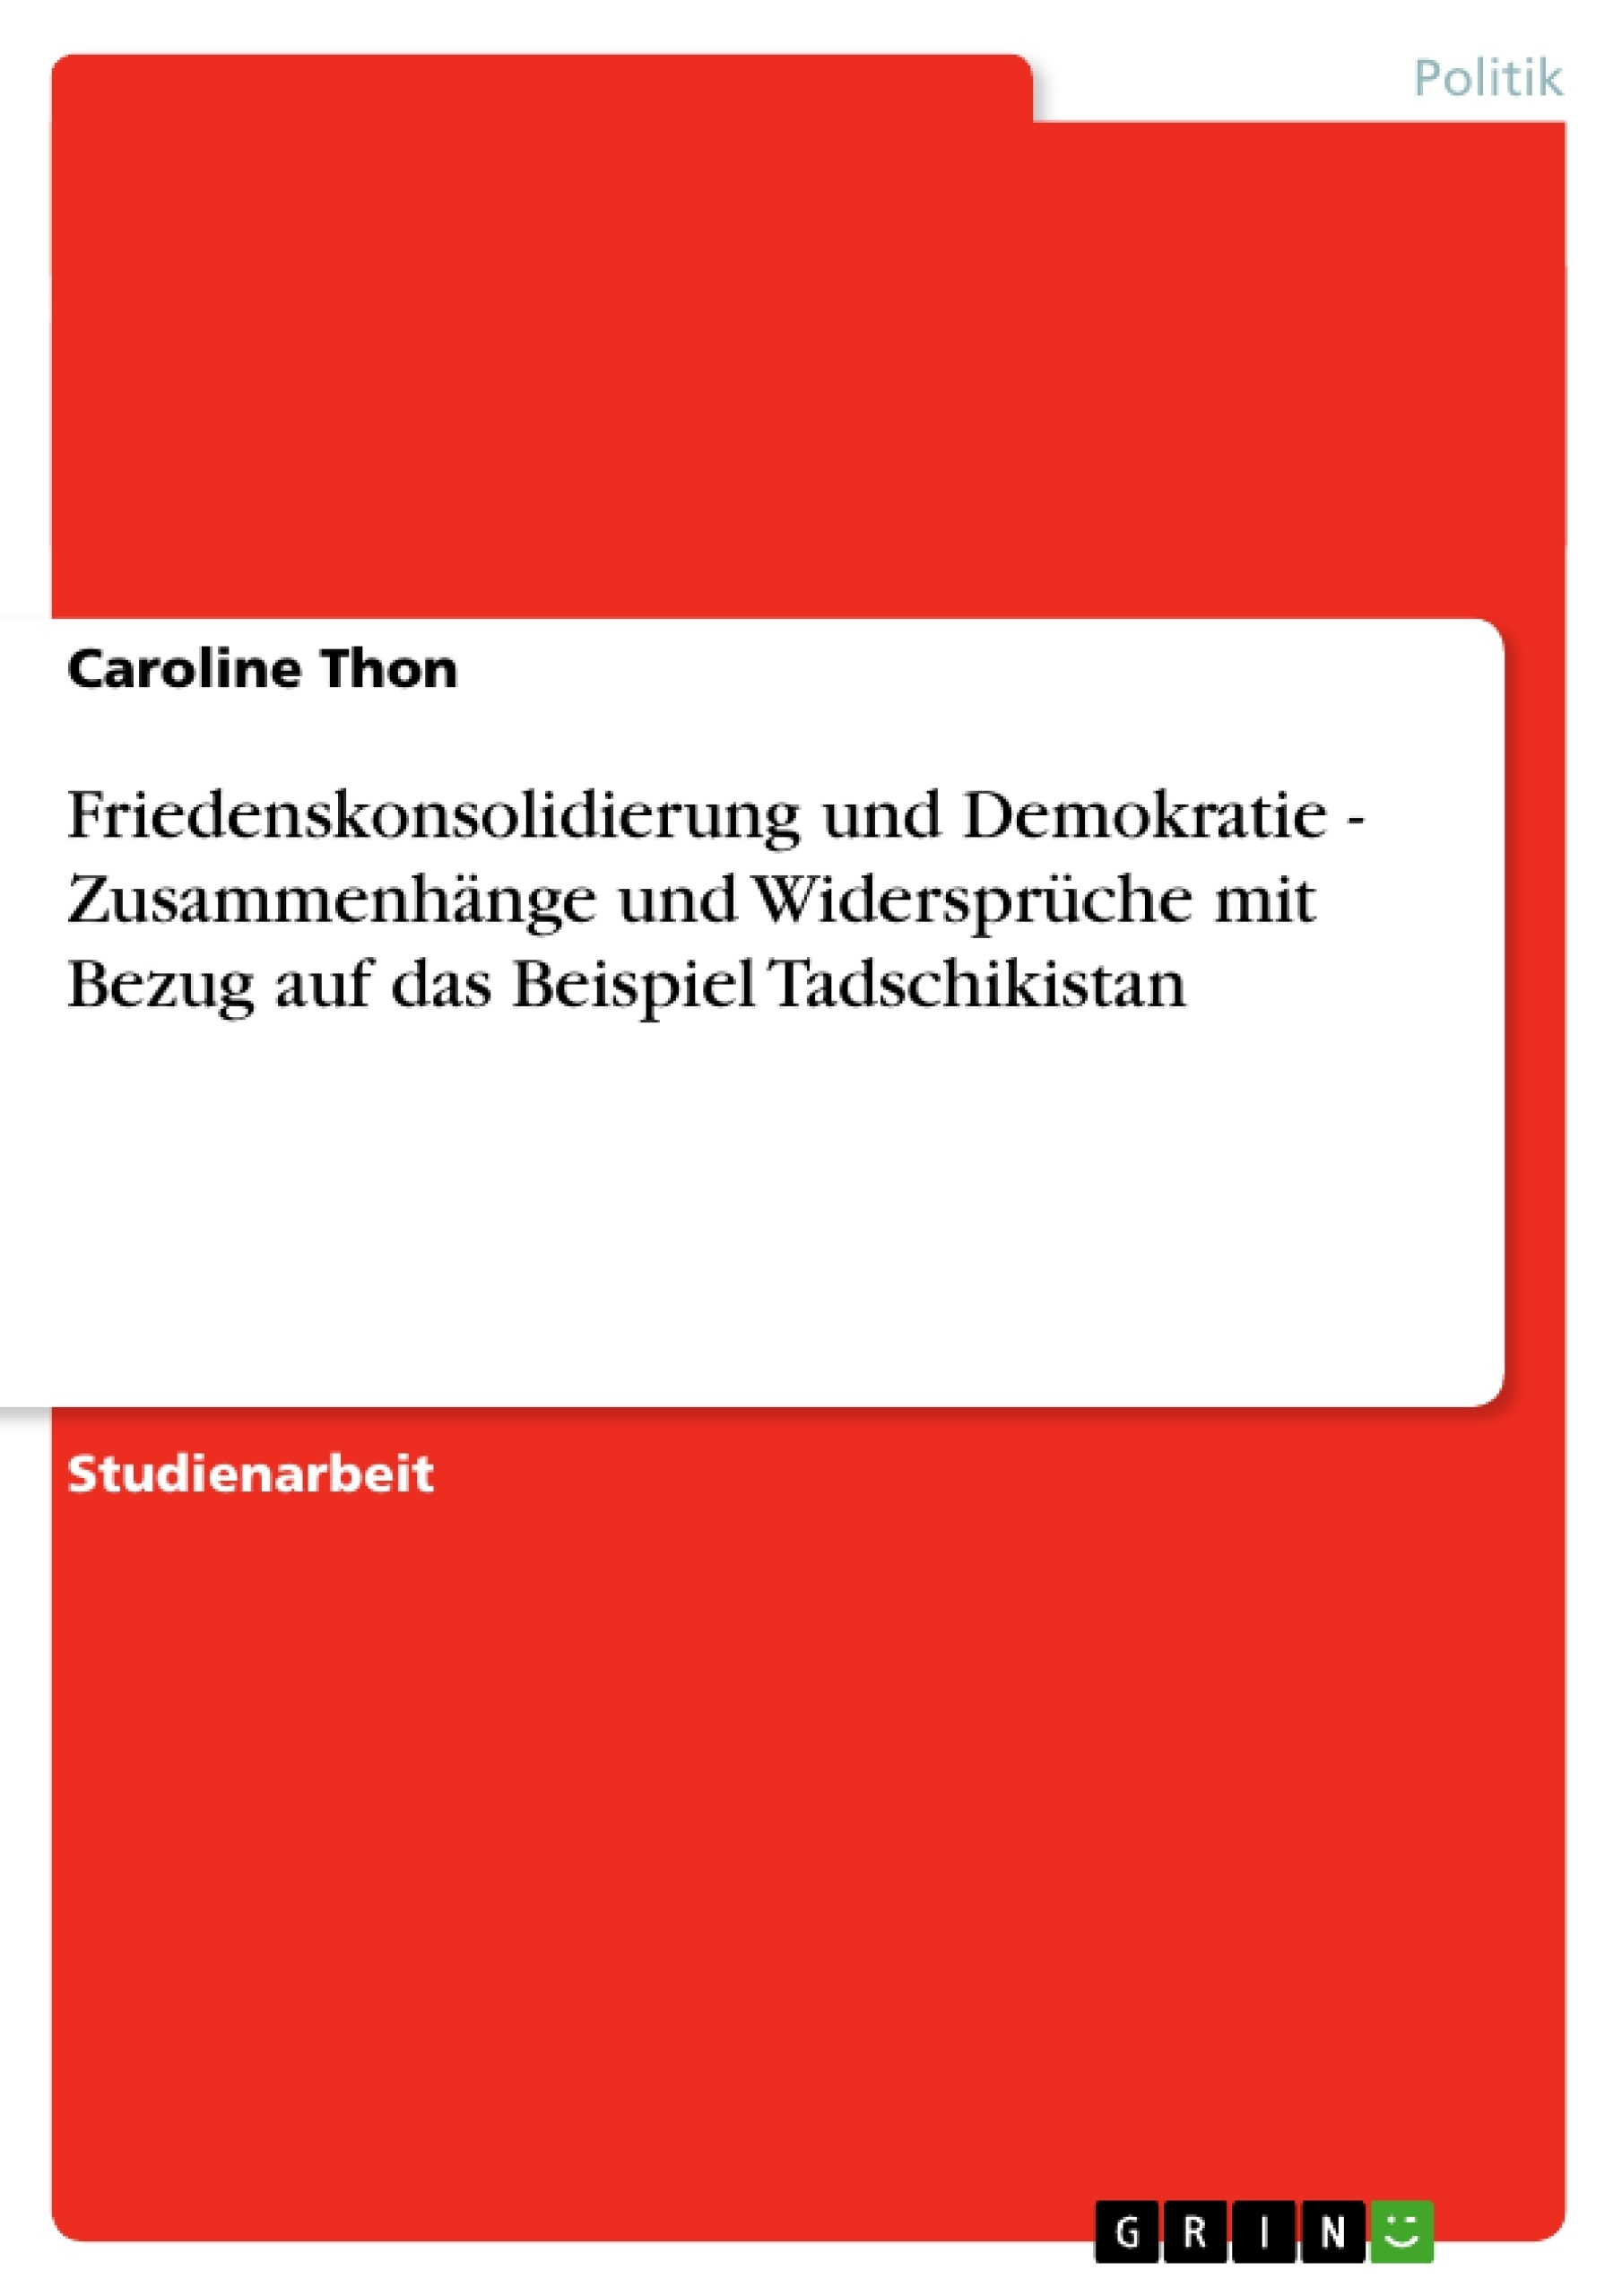 Titel: Friedenskonsolidierung und Demokratie - Zusammenhänge und Widersprüche mit Bezug auf das Beispiel Tadschikistan